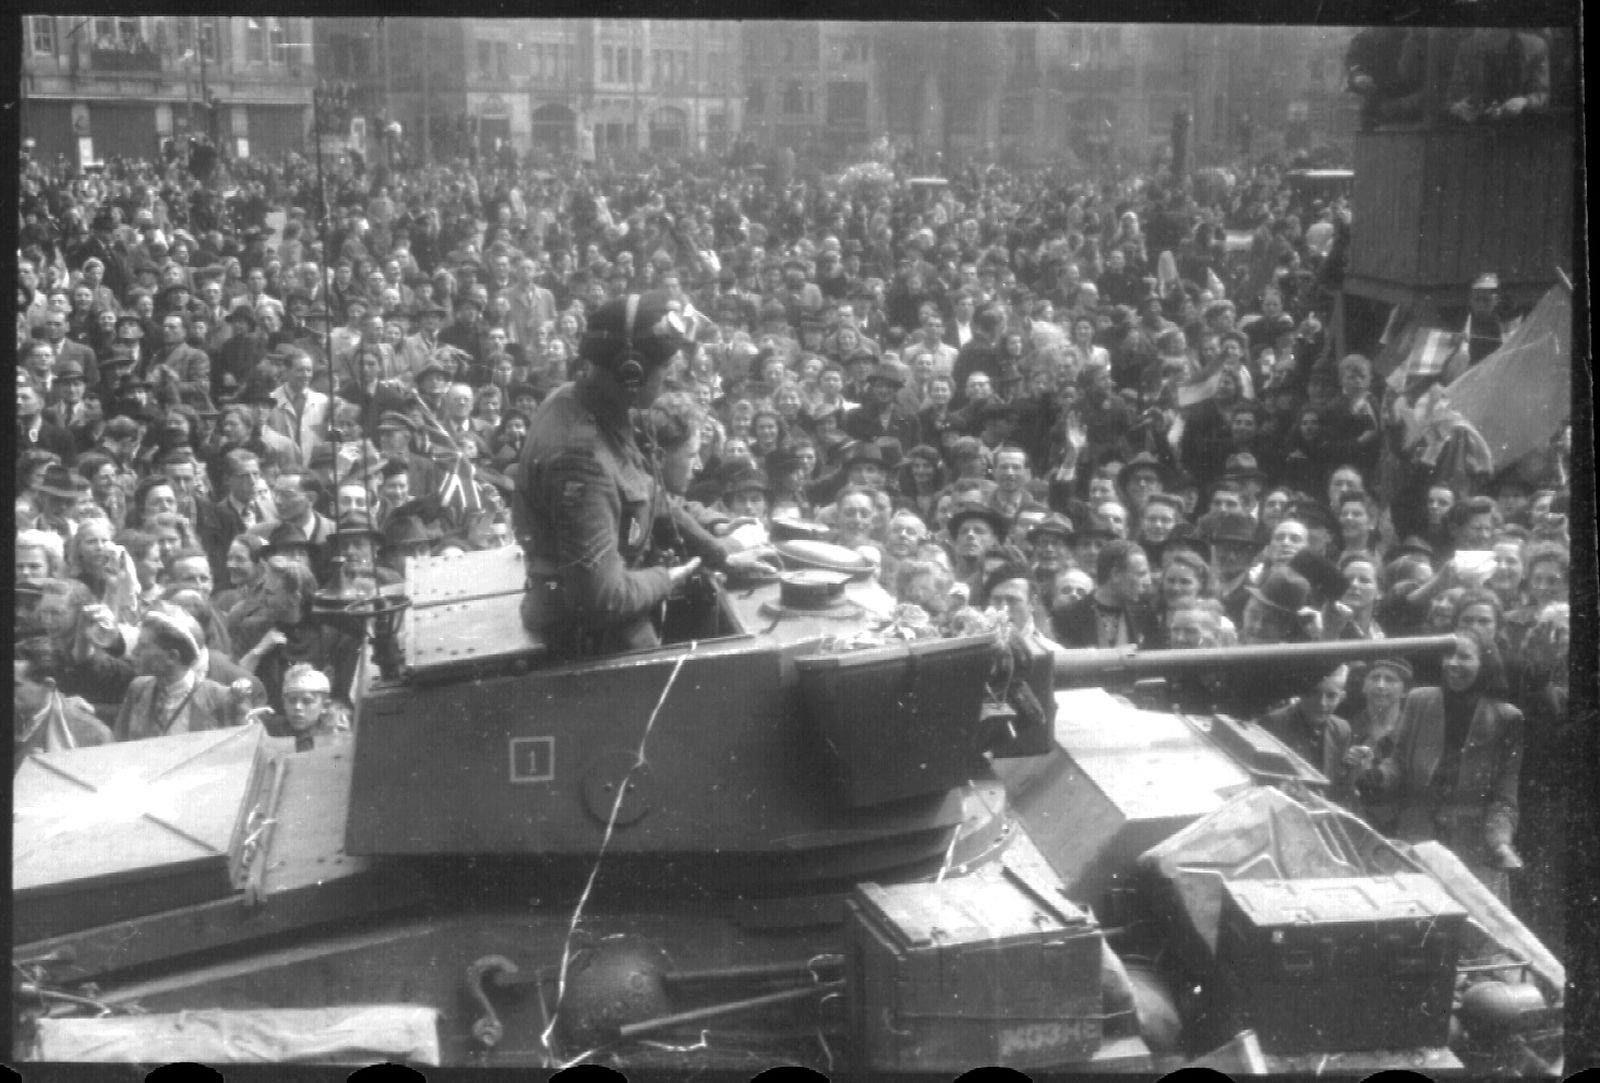 May 8, 1945. Canadian troops on Dam Square in Amsterdam. Photo AHF Collectie IISG / Ben van Meerendonk. #amsterdam #worldwar2